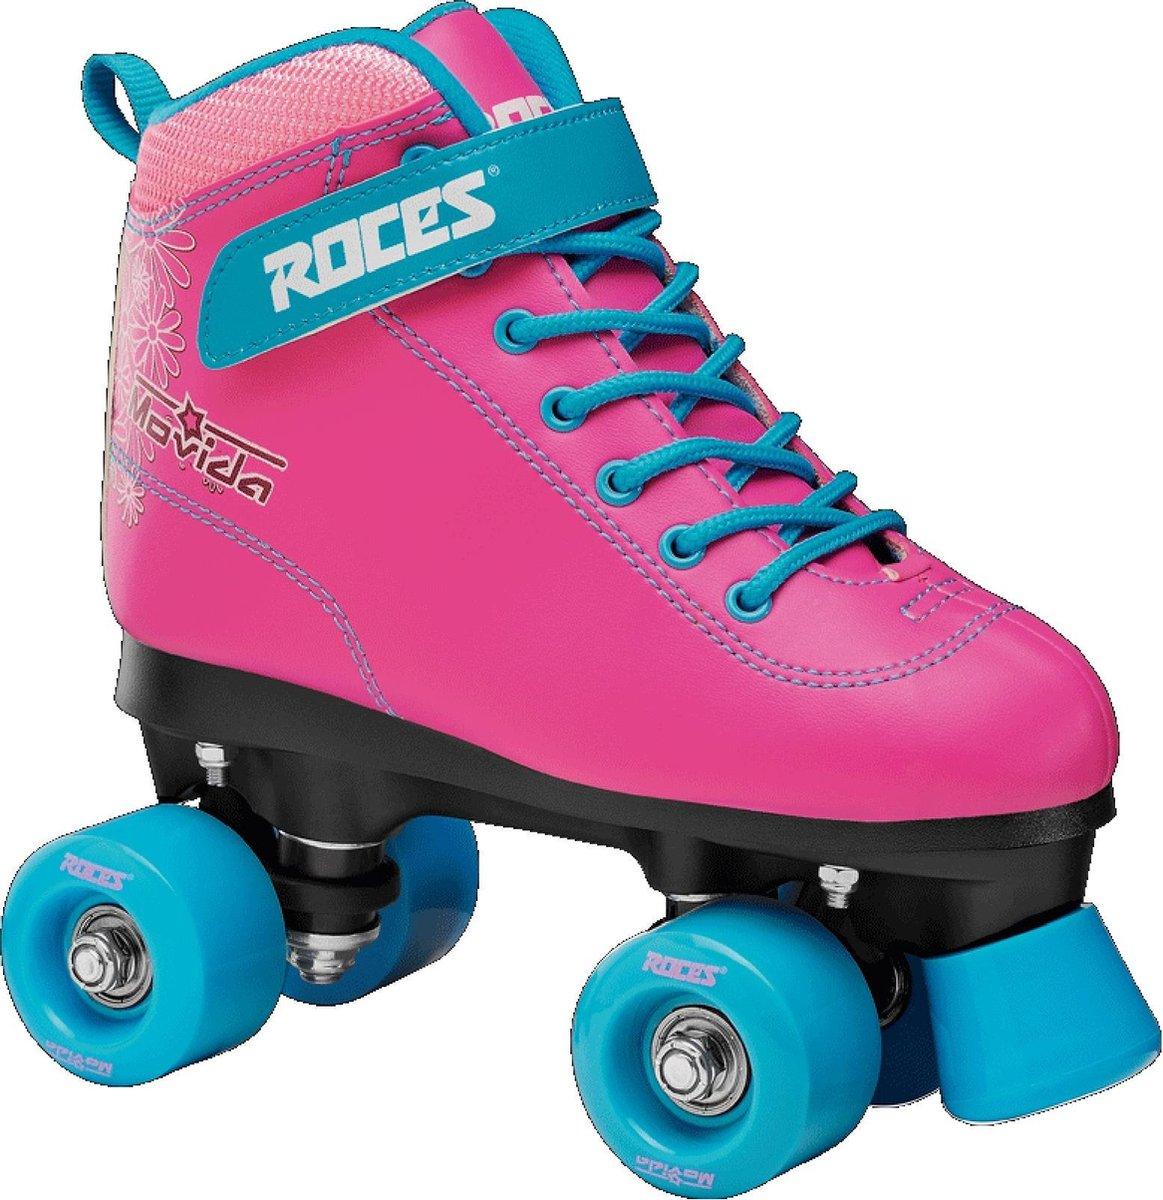 Roces Rolschaatsen - Maat 39Kinderen en volwassenen - roze - blauw - wit